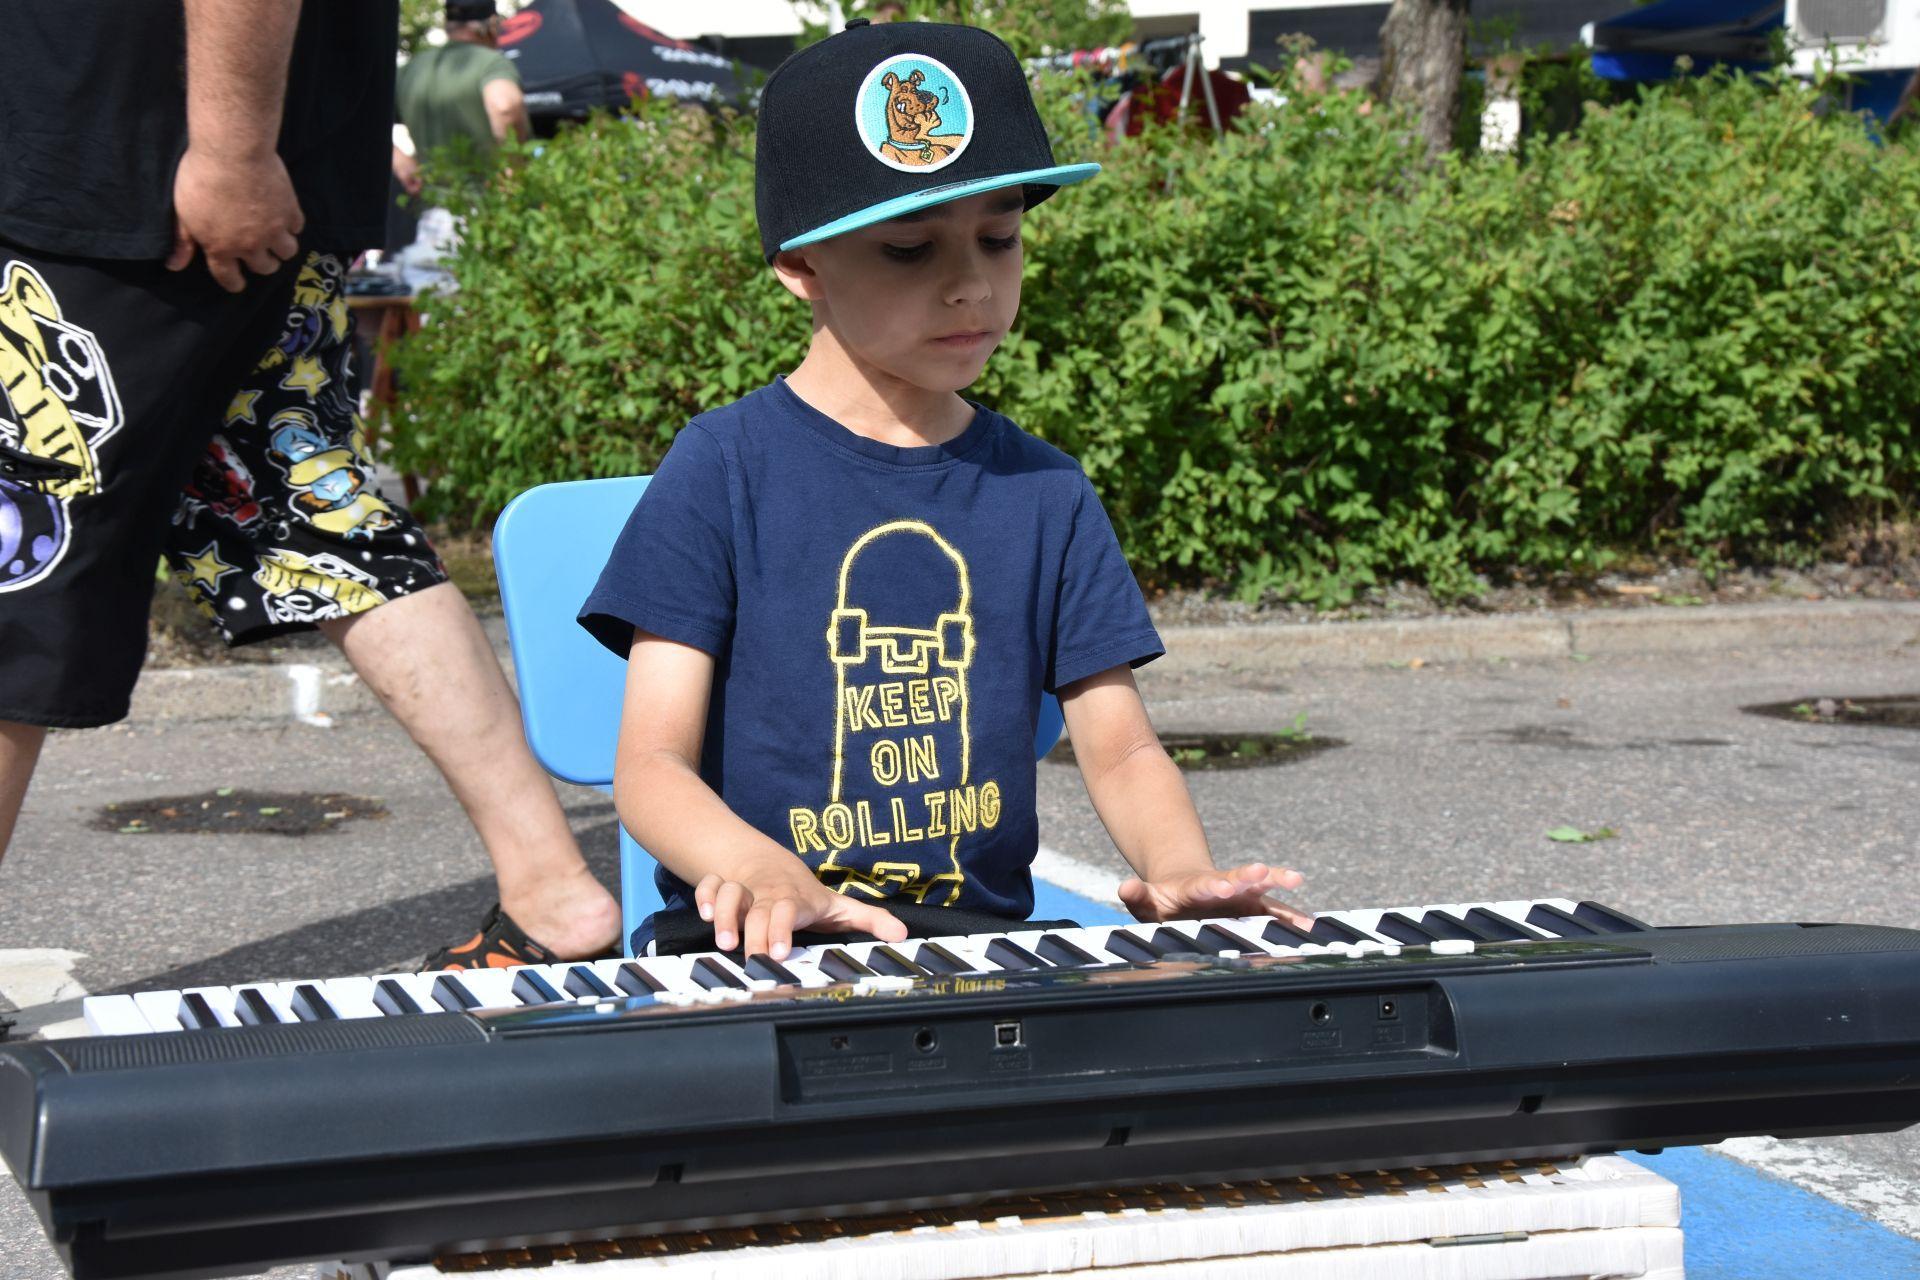 En liten pojke sitter ute på ett torg och spelar på en synt.